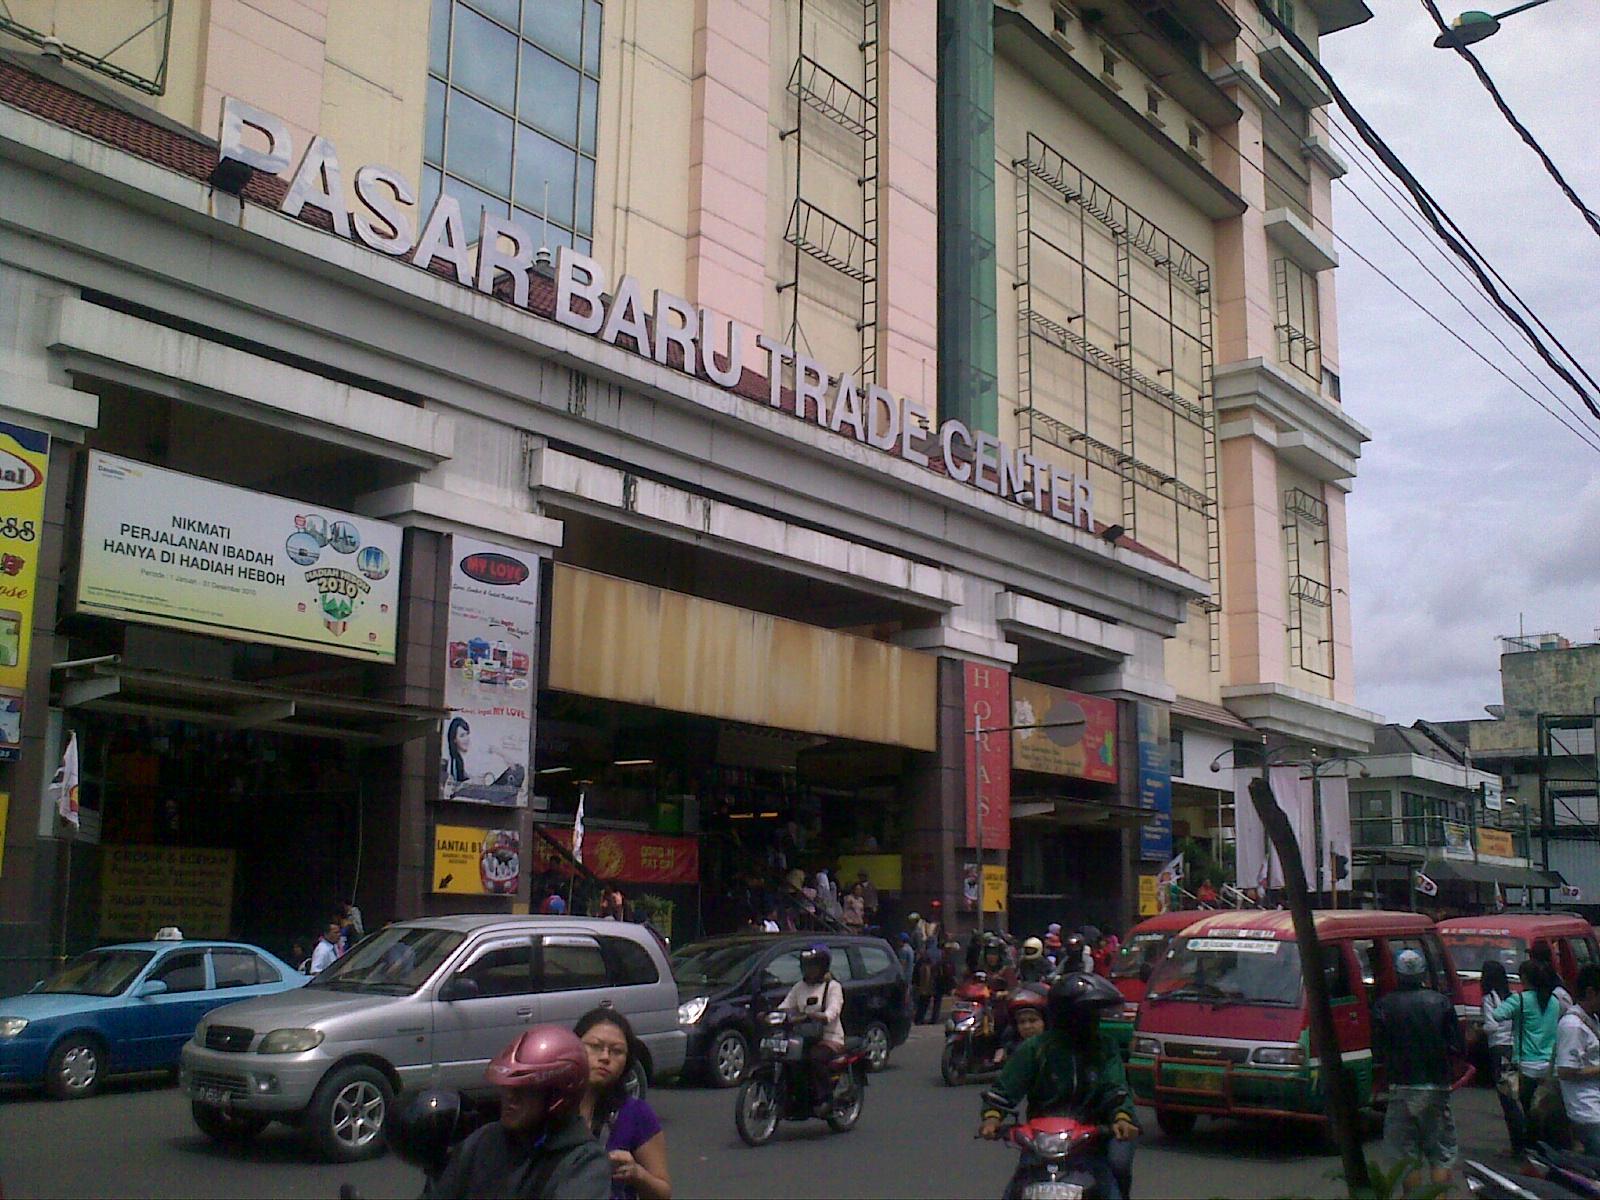 Sejauh Kaki Melangkah Pasar Baru Bandung